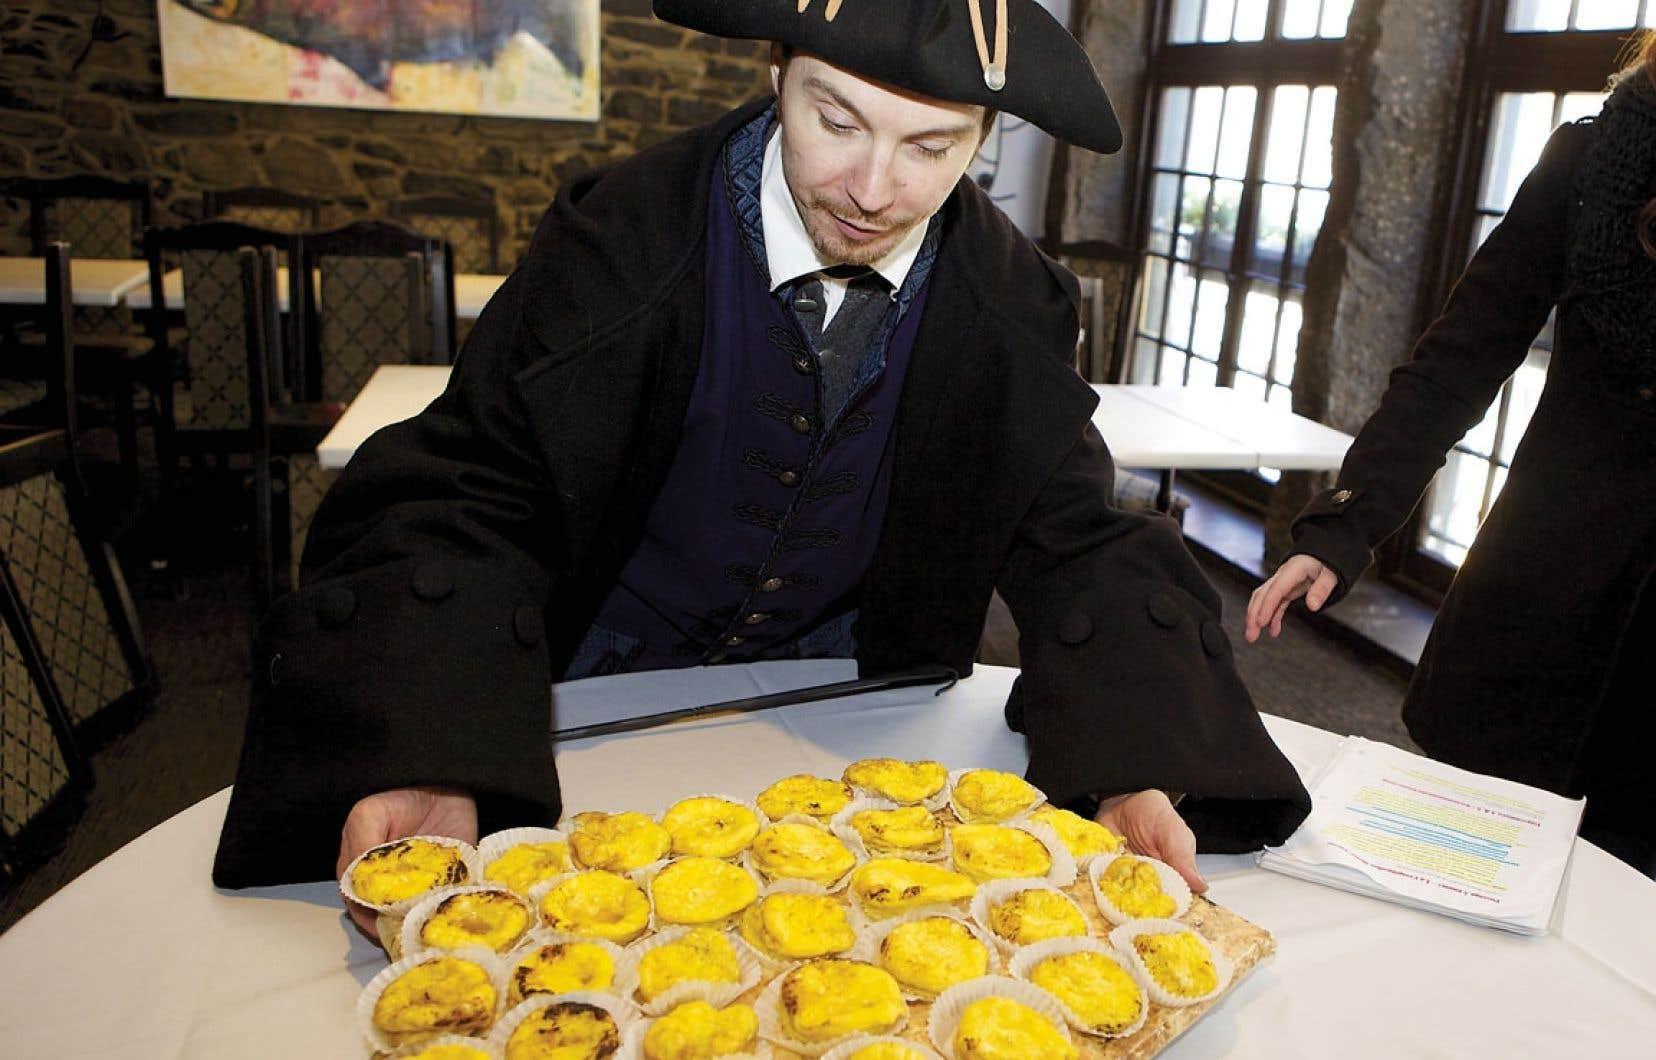 Le chef, Claude Maupoint, s'apprête à servir les omelettes offertes par le restaurant Vieux-Port Steakhouse.